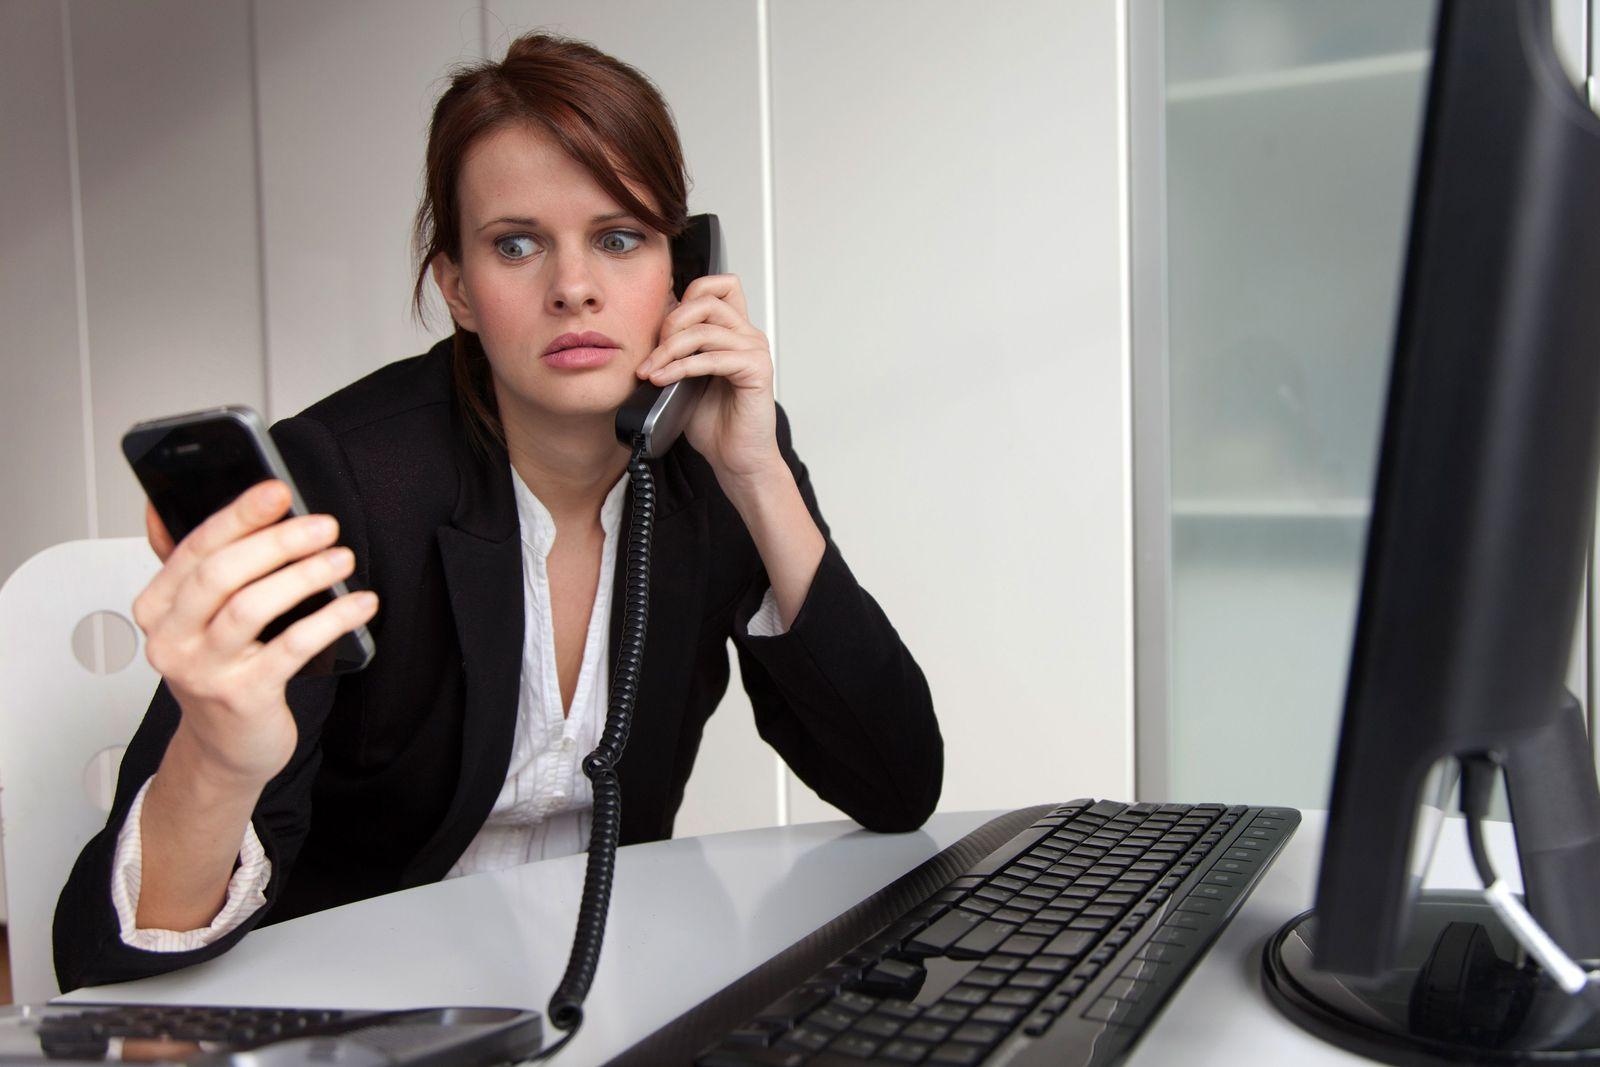 NICHT MEHR VERWENDEN! - Handy gesperrt / Sperre / Stress / Problem